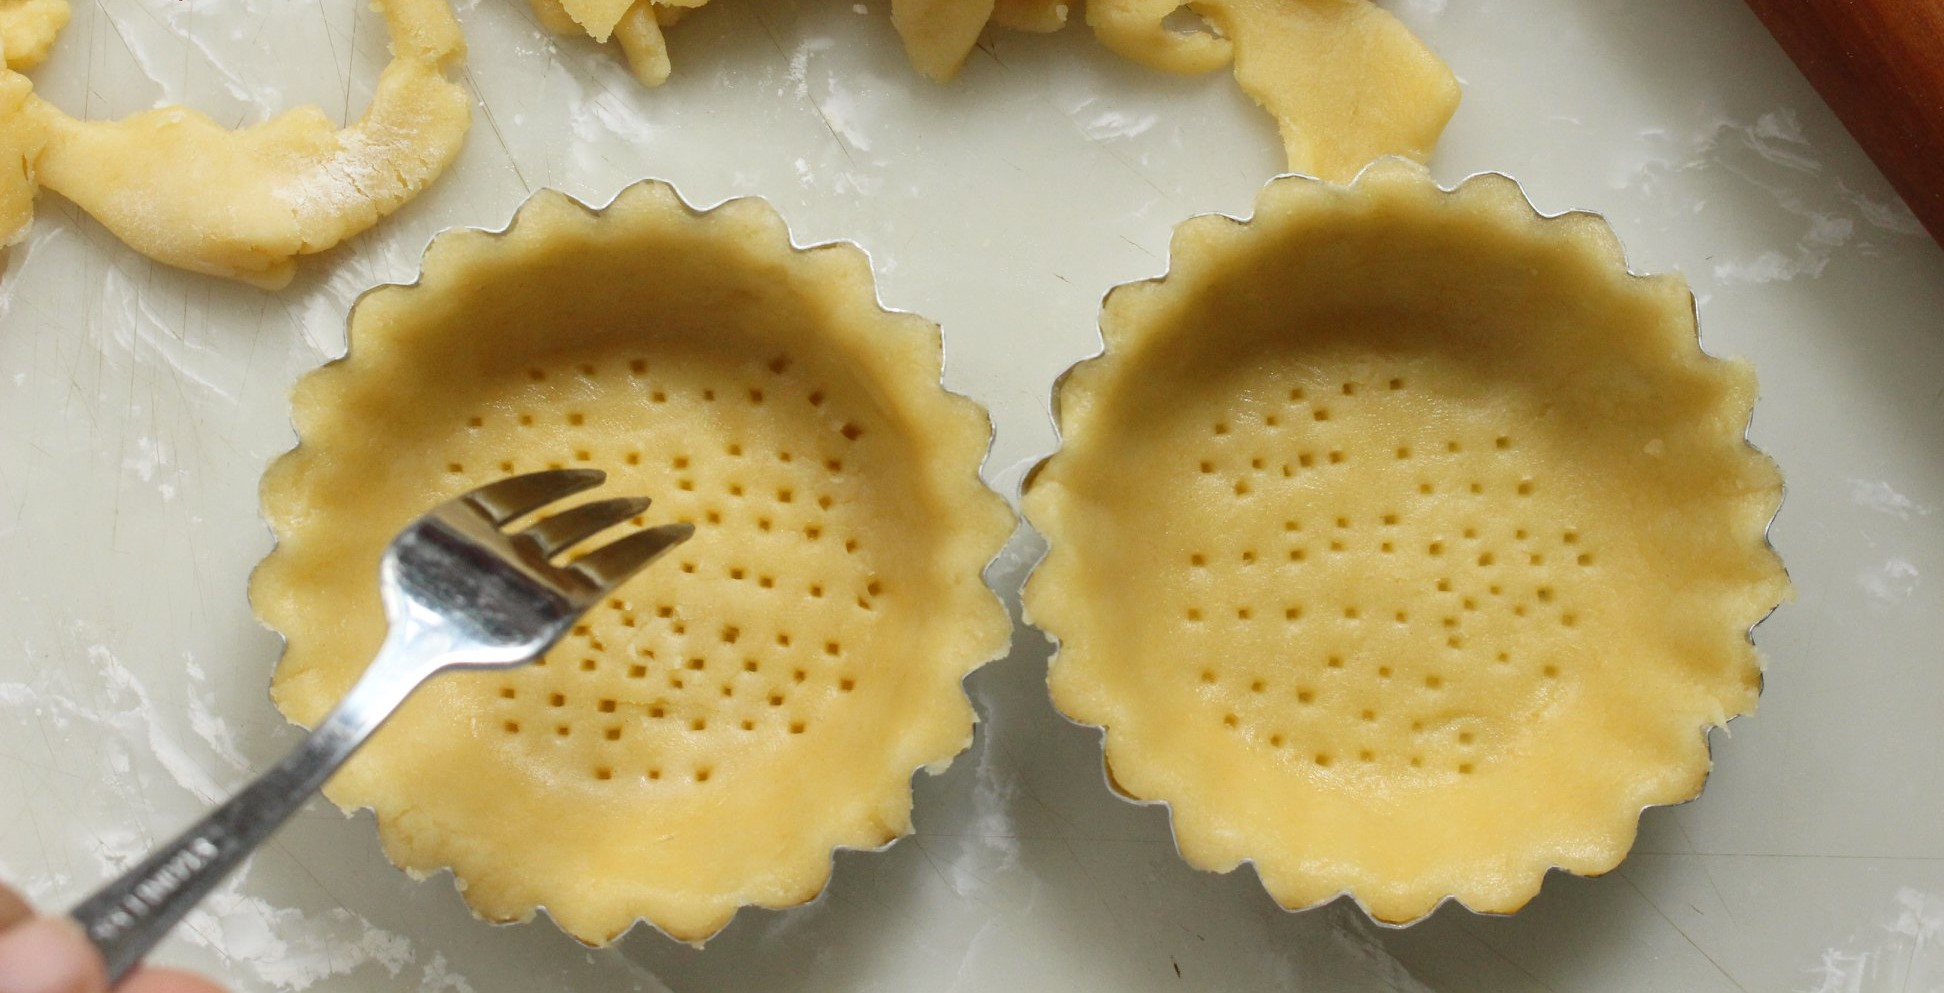 Cách làm bánh táo kem hạnh nhân 10 cách làm bánh táo kem hạnh nhân Cách làm bánh táo kem hạnh nhân chua ngon vô ngần cach lam banh tao kem hanh nhan 10